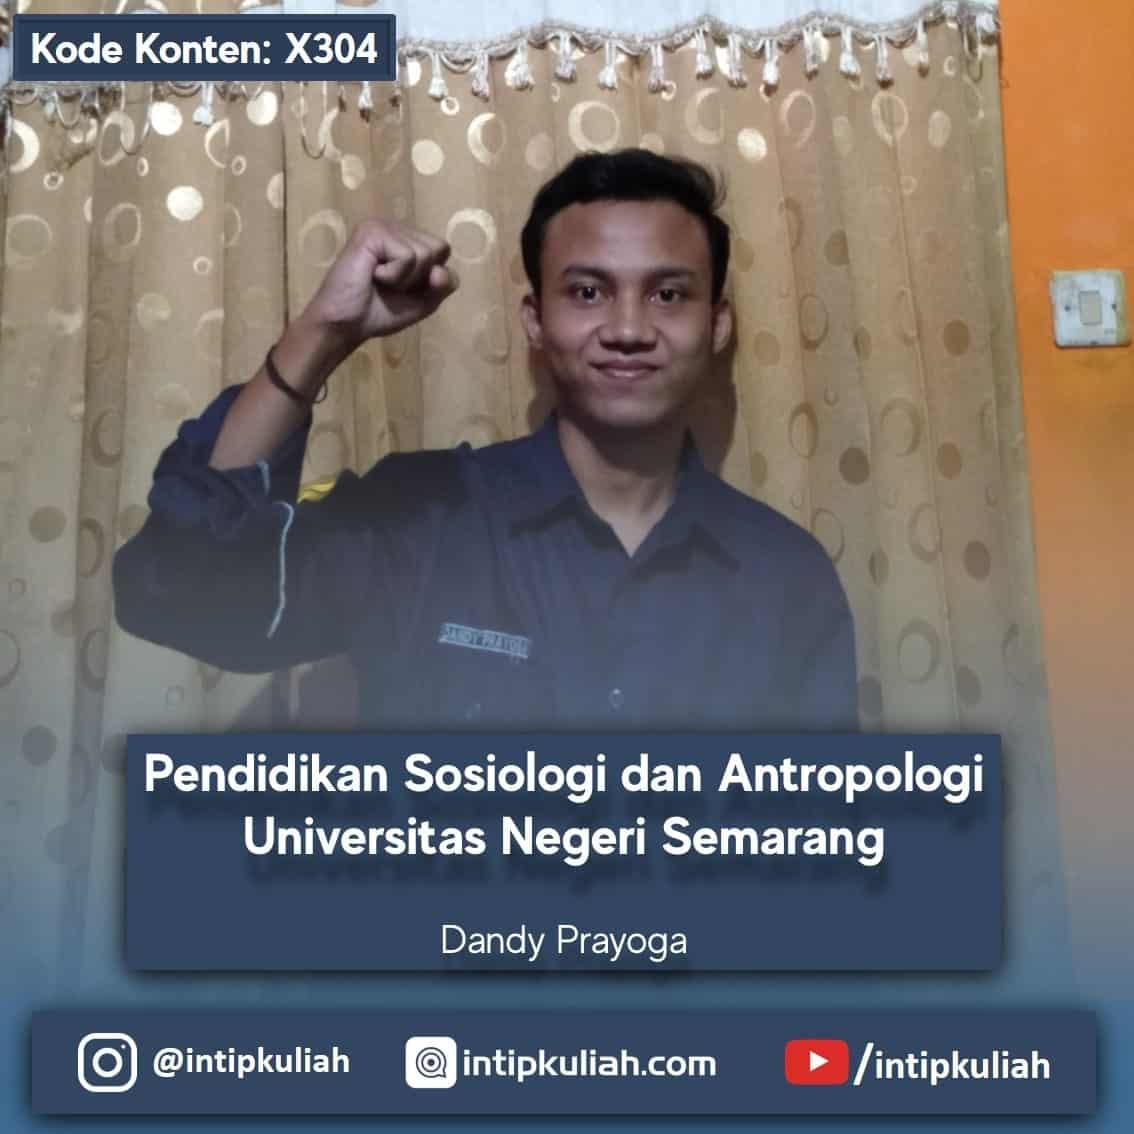 Pendidikan Sosiologi dan Antropologi Unnes (Dandy)